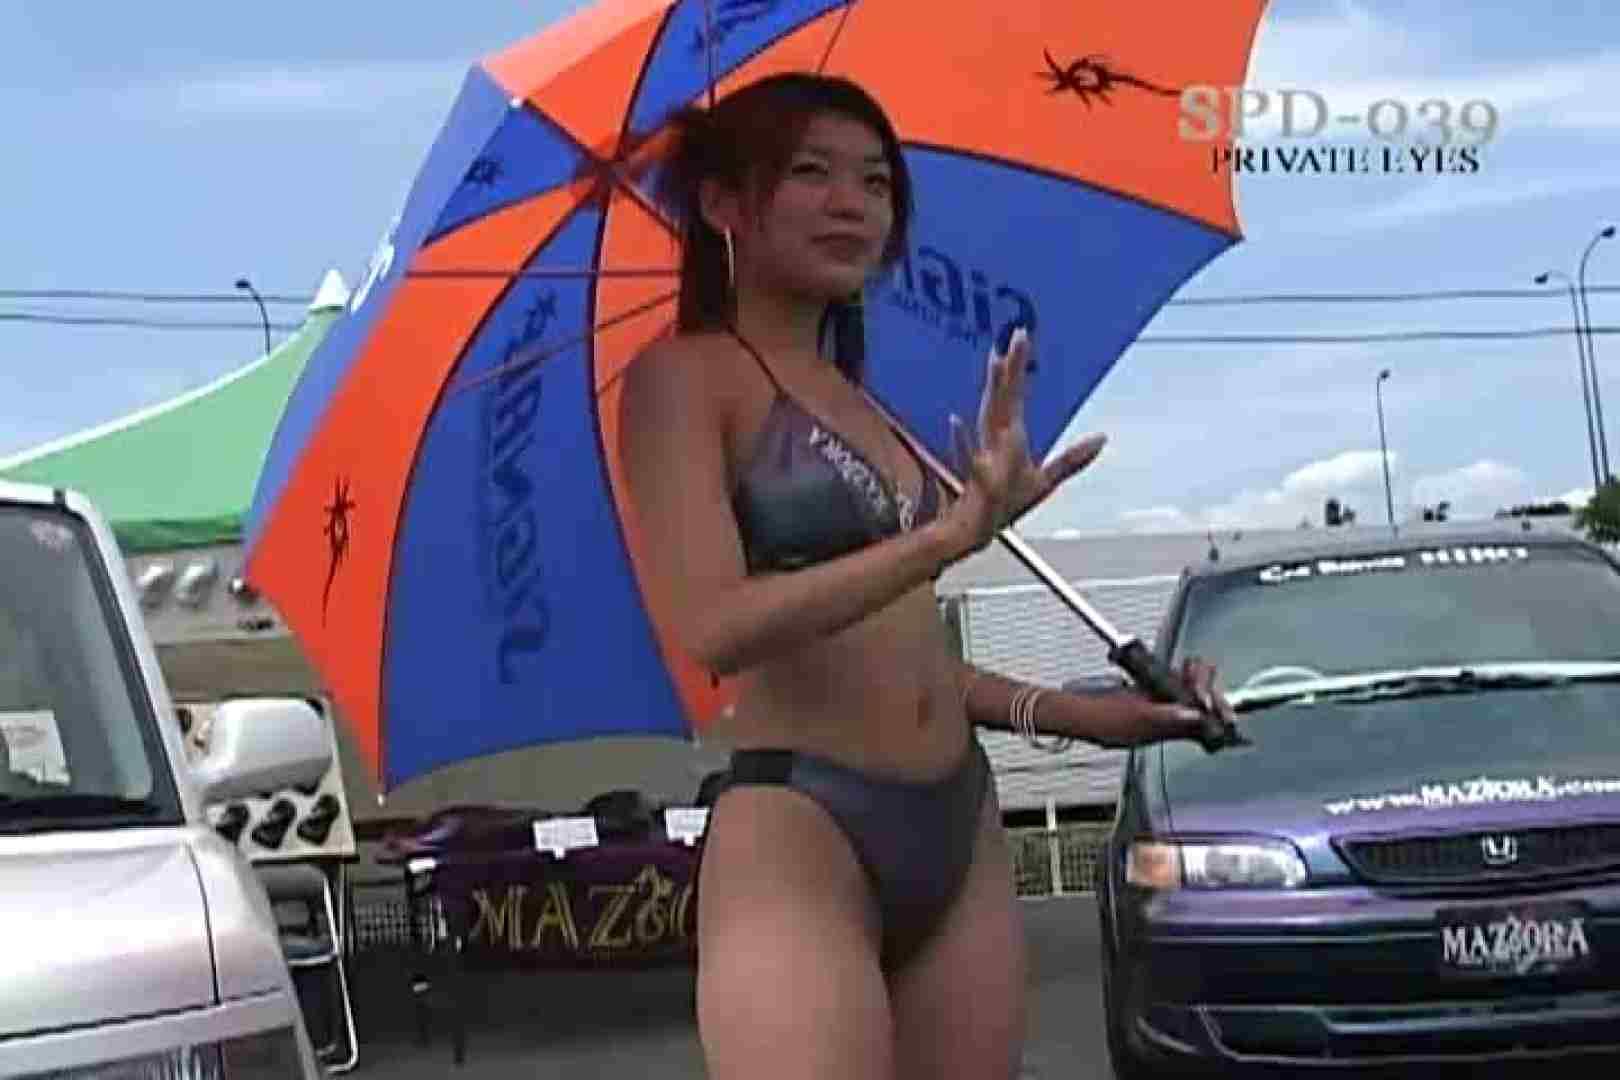 高画質版!SPD-039 ザ・コンパニオン 2001 ワゴンカーフェスティバル 高画質  25連発 16